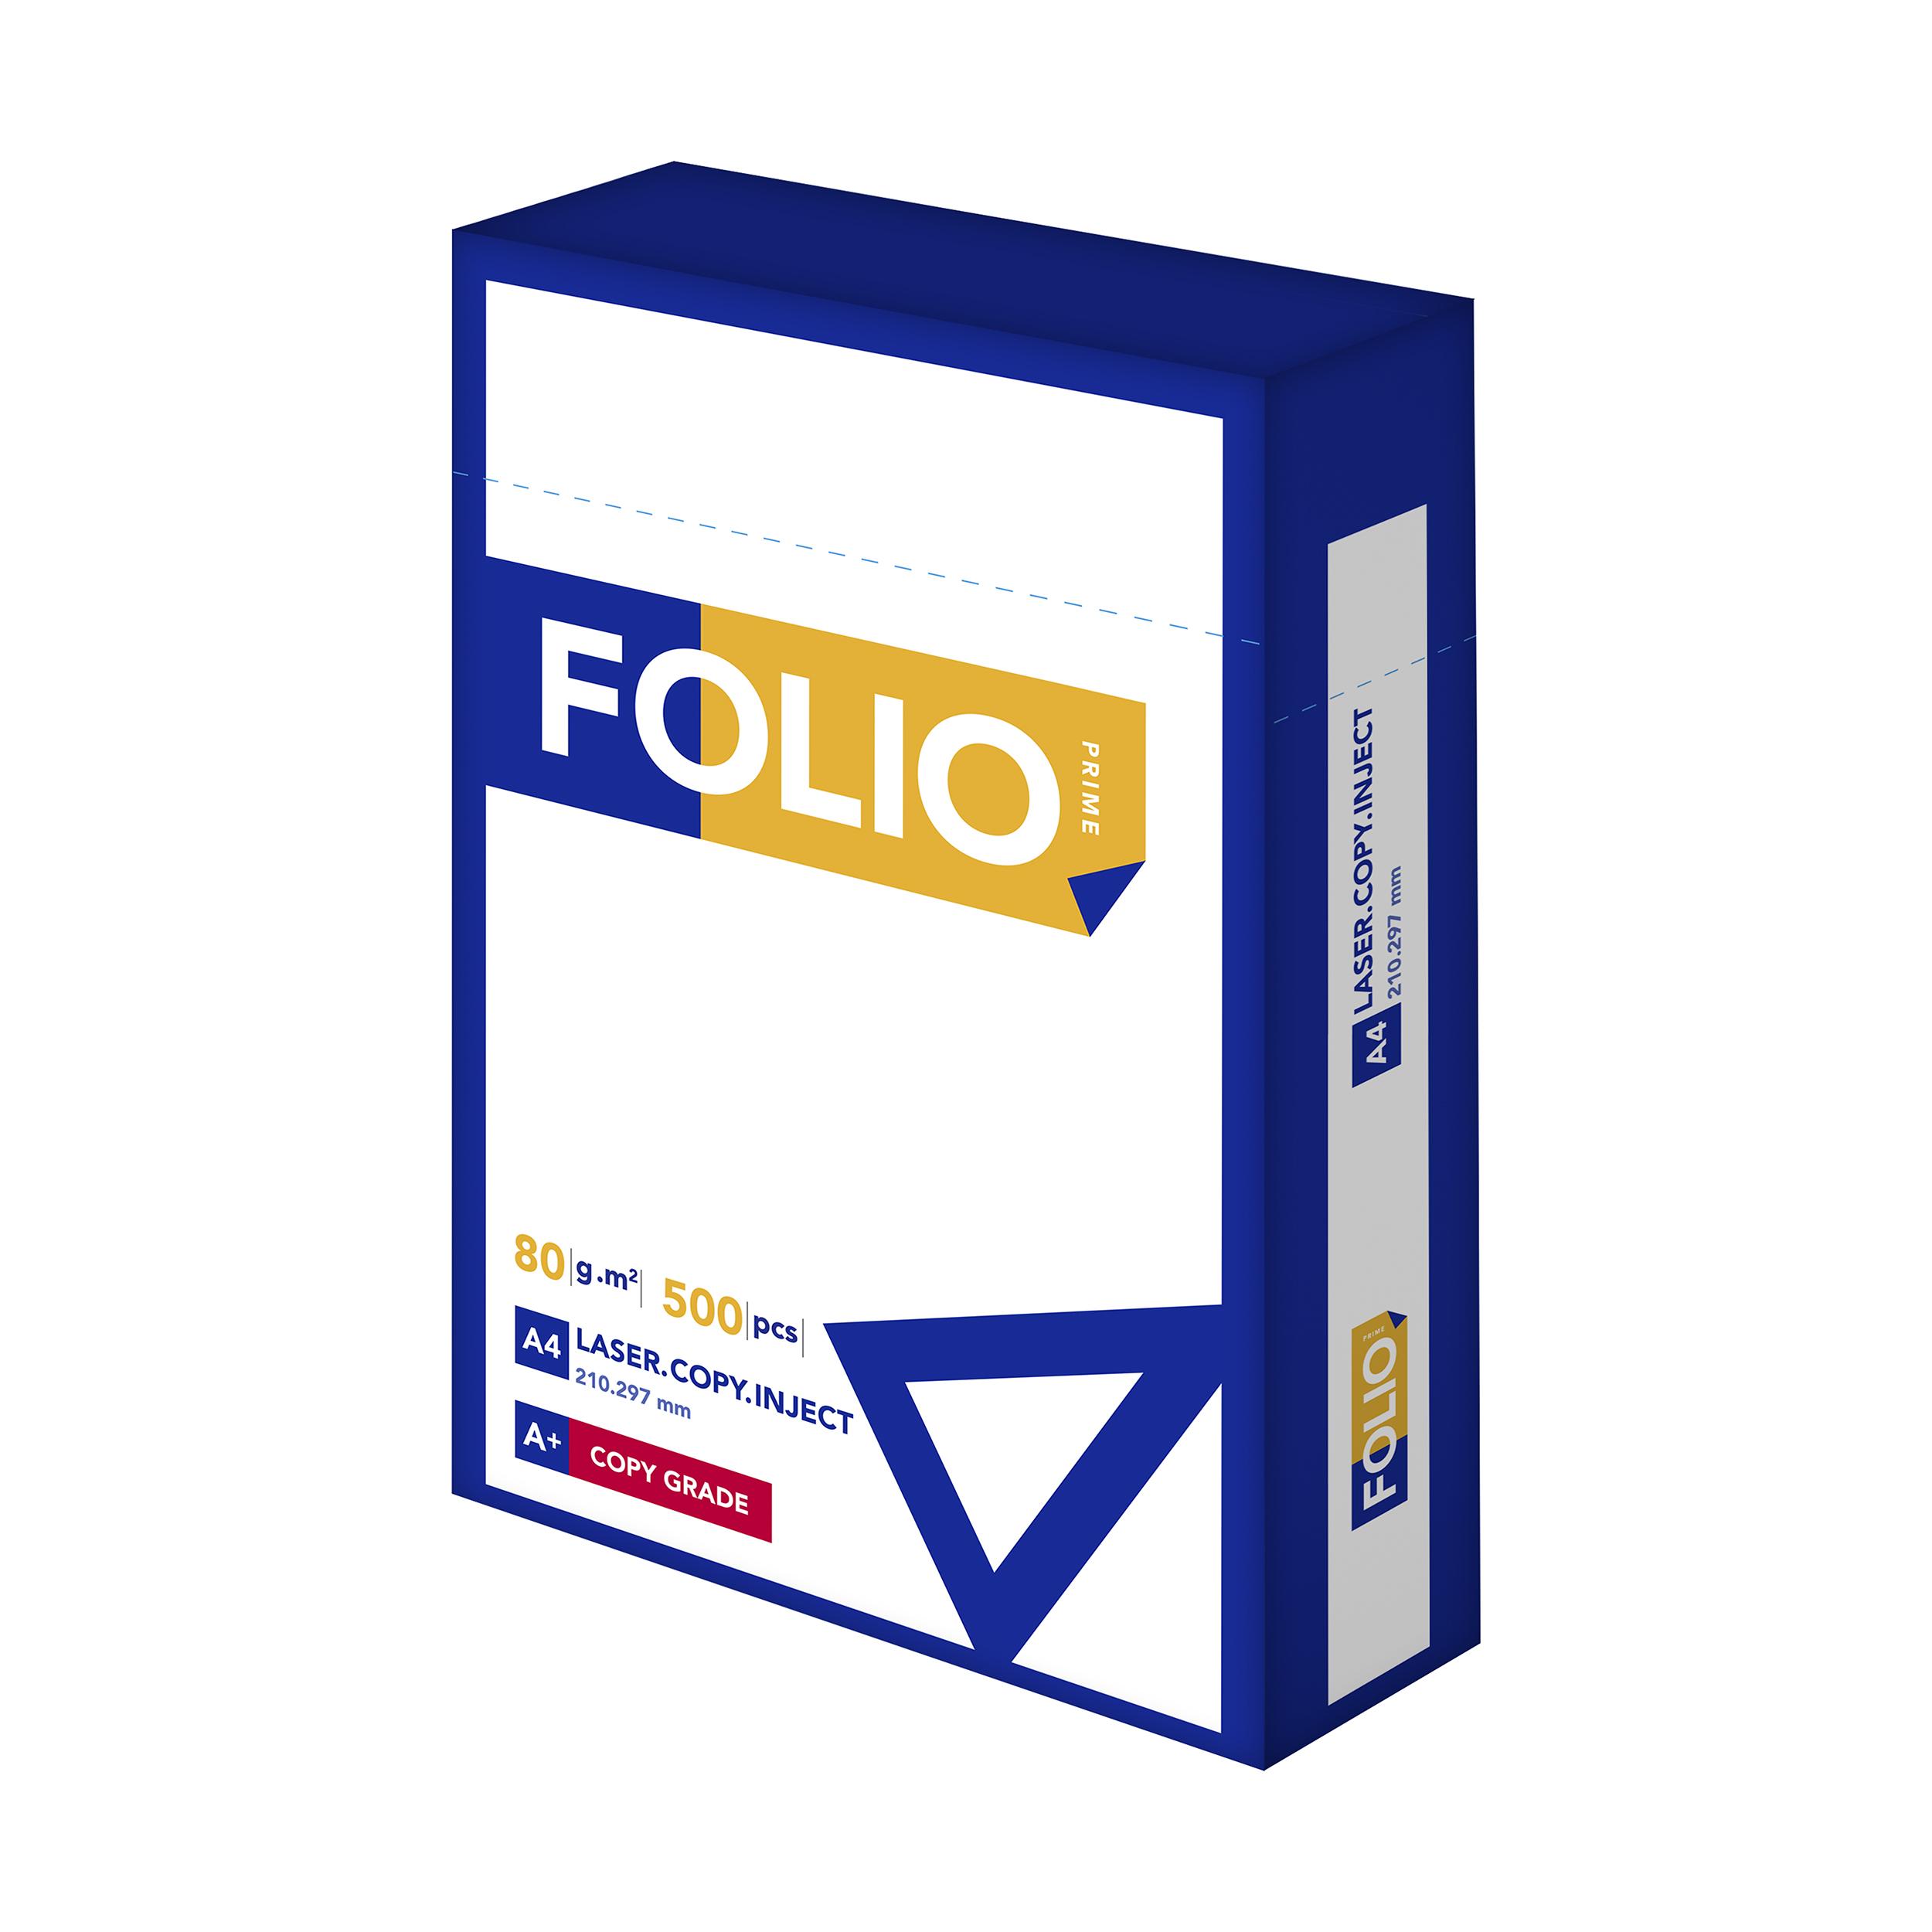 کاغذ A4 فولیو پرایم مدل +A بسته 500 عددی